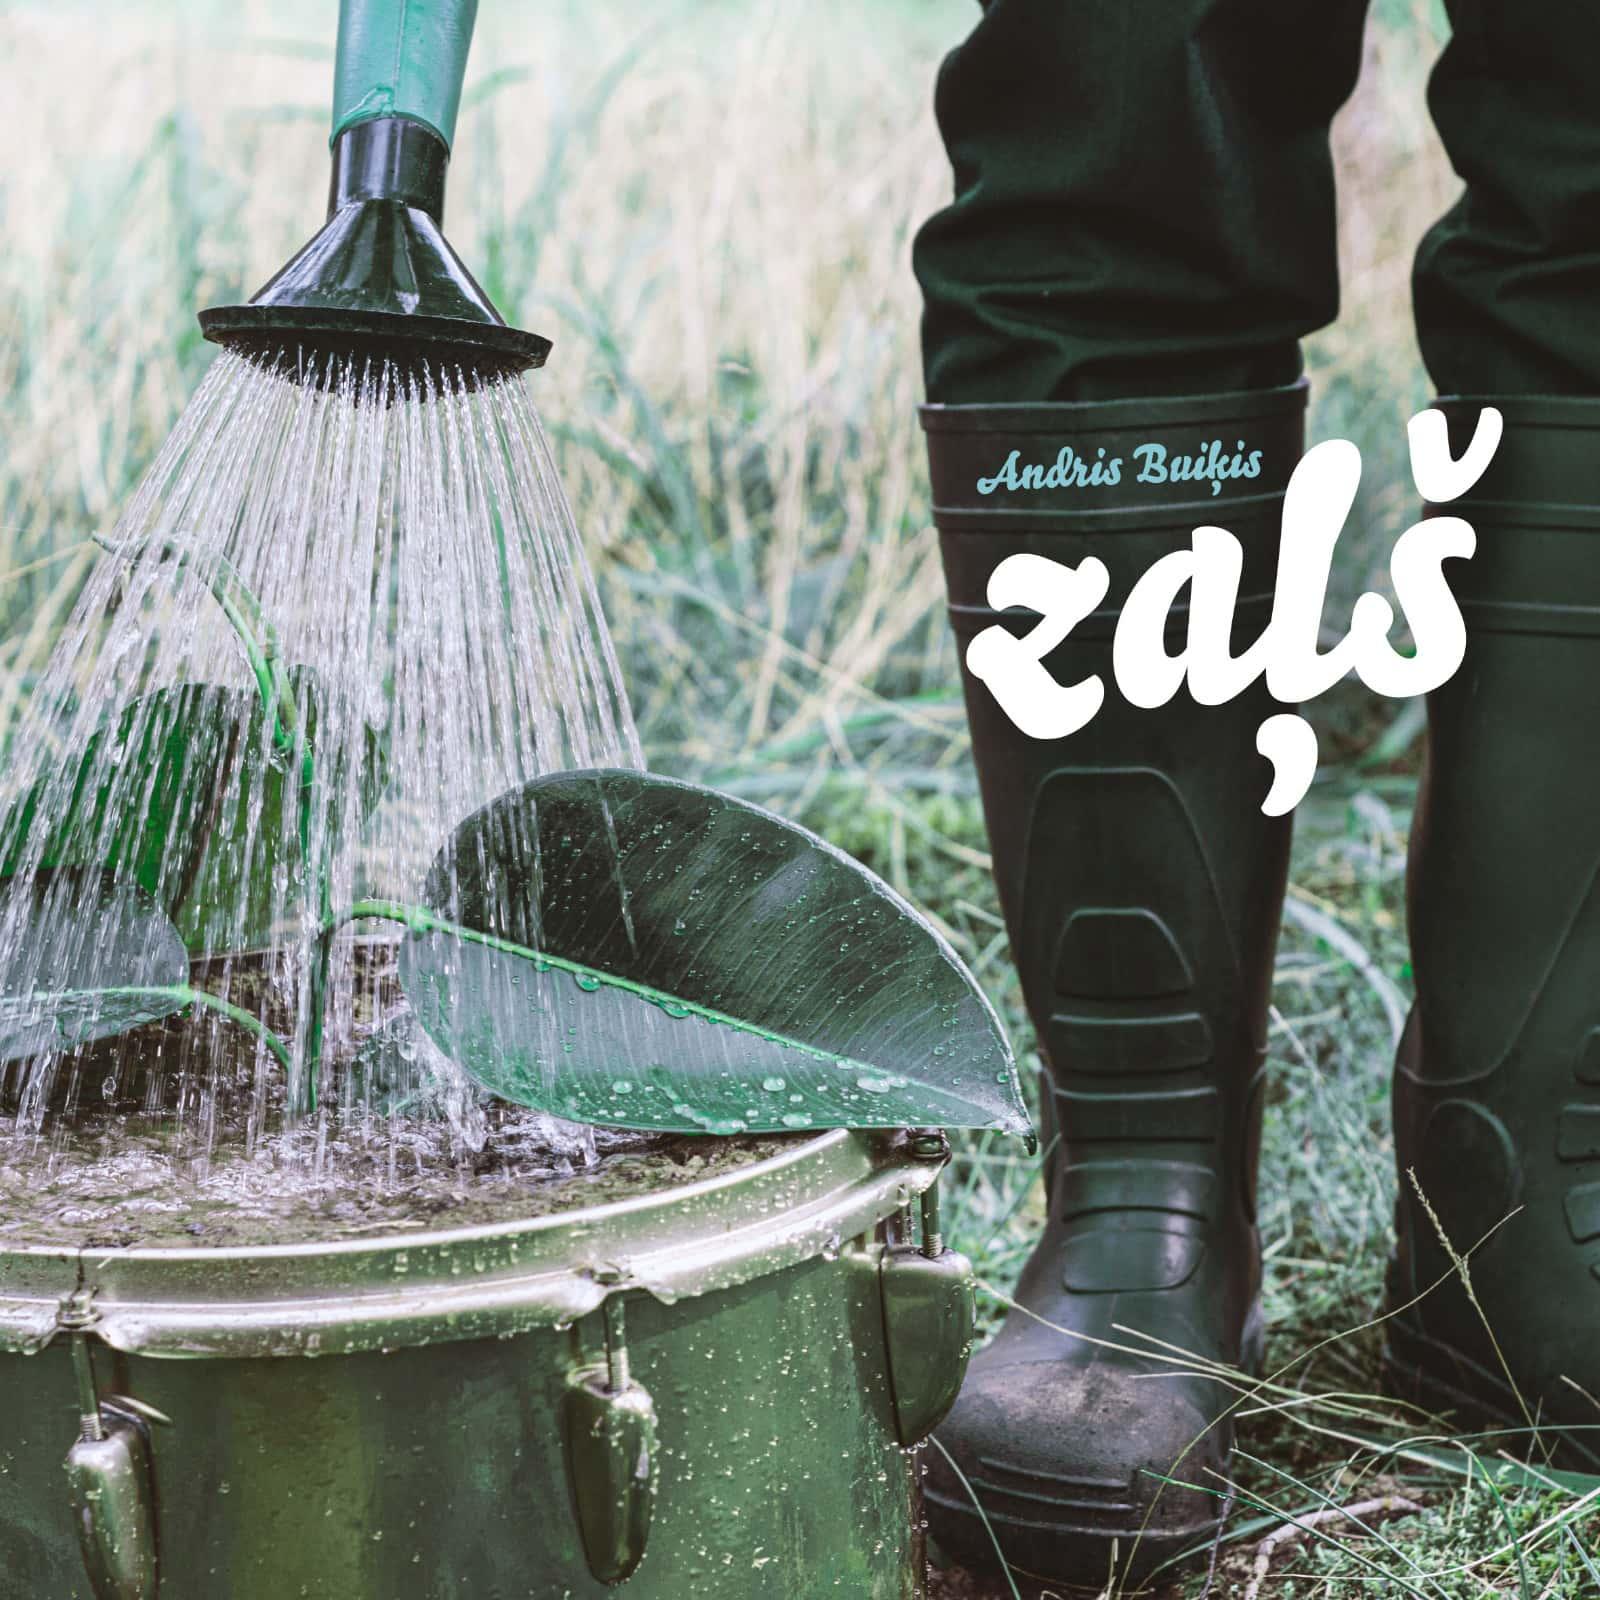 Andris Buiķis - Zaļš (Albums)